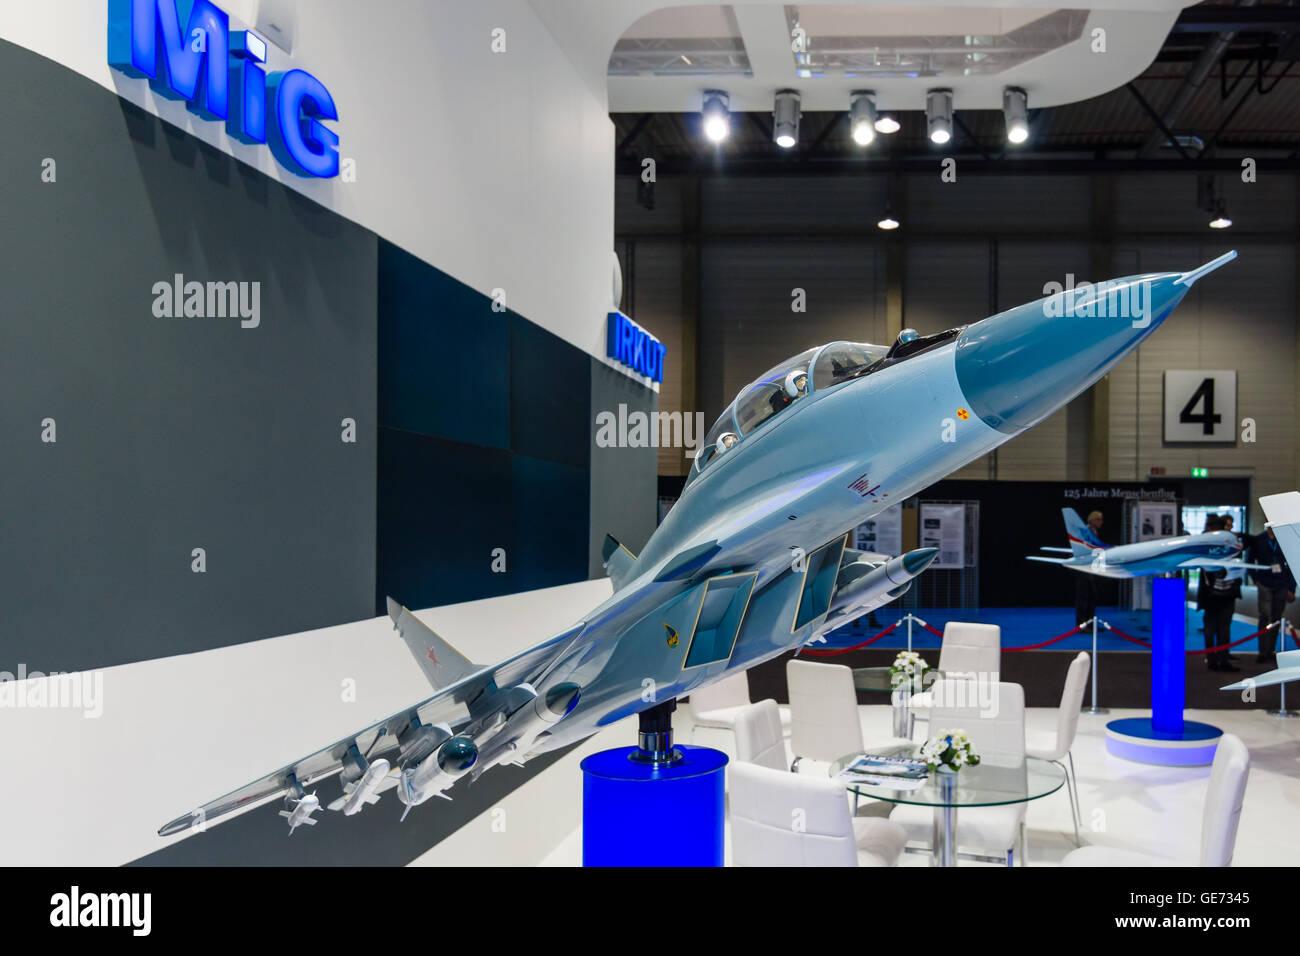 der-stand-der-unated-aircraft-corporation-russland-modell-der-russischen-kampfflugzeuge-mikoyan-mig-29m-2-ge7345.jpg